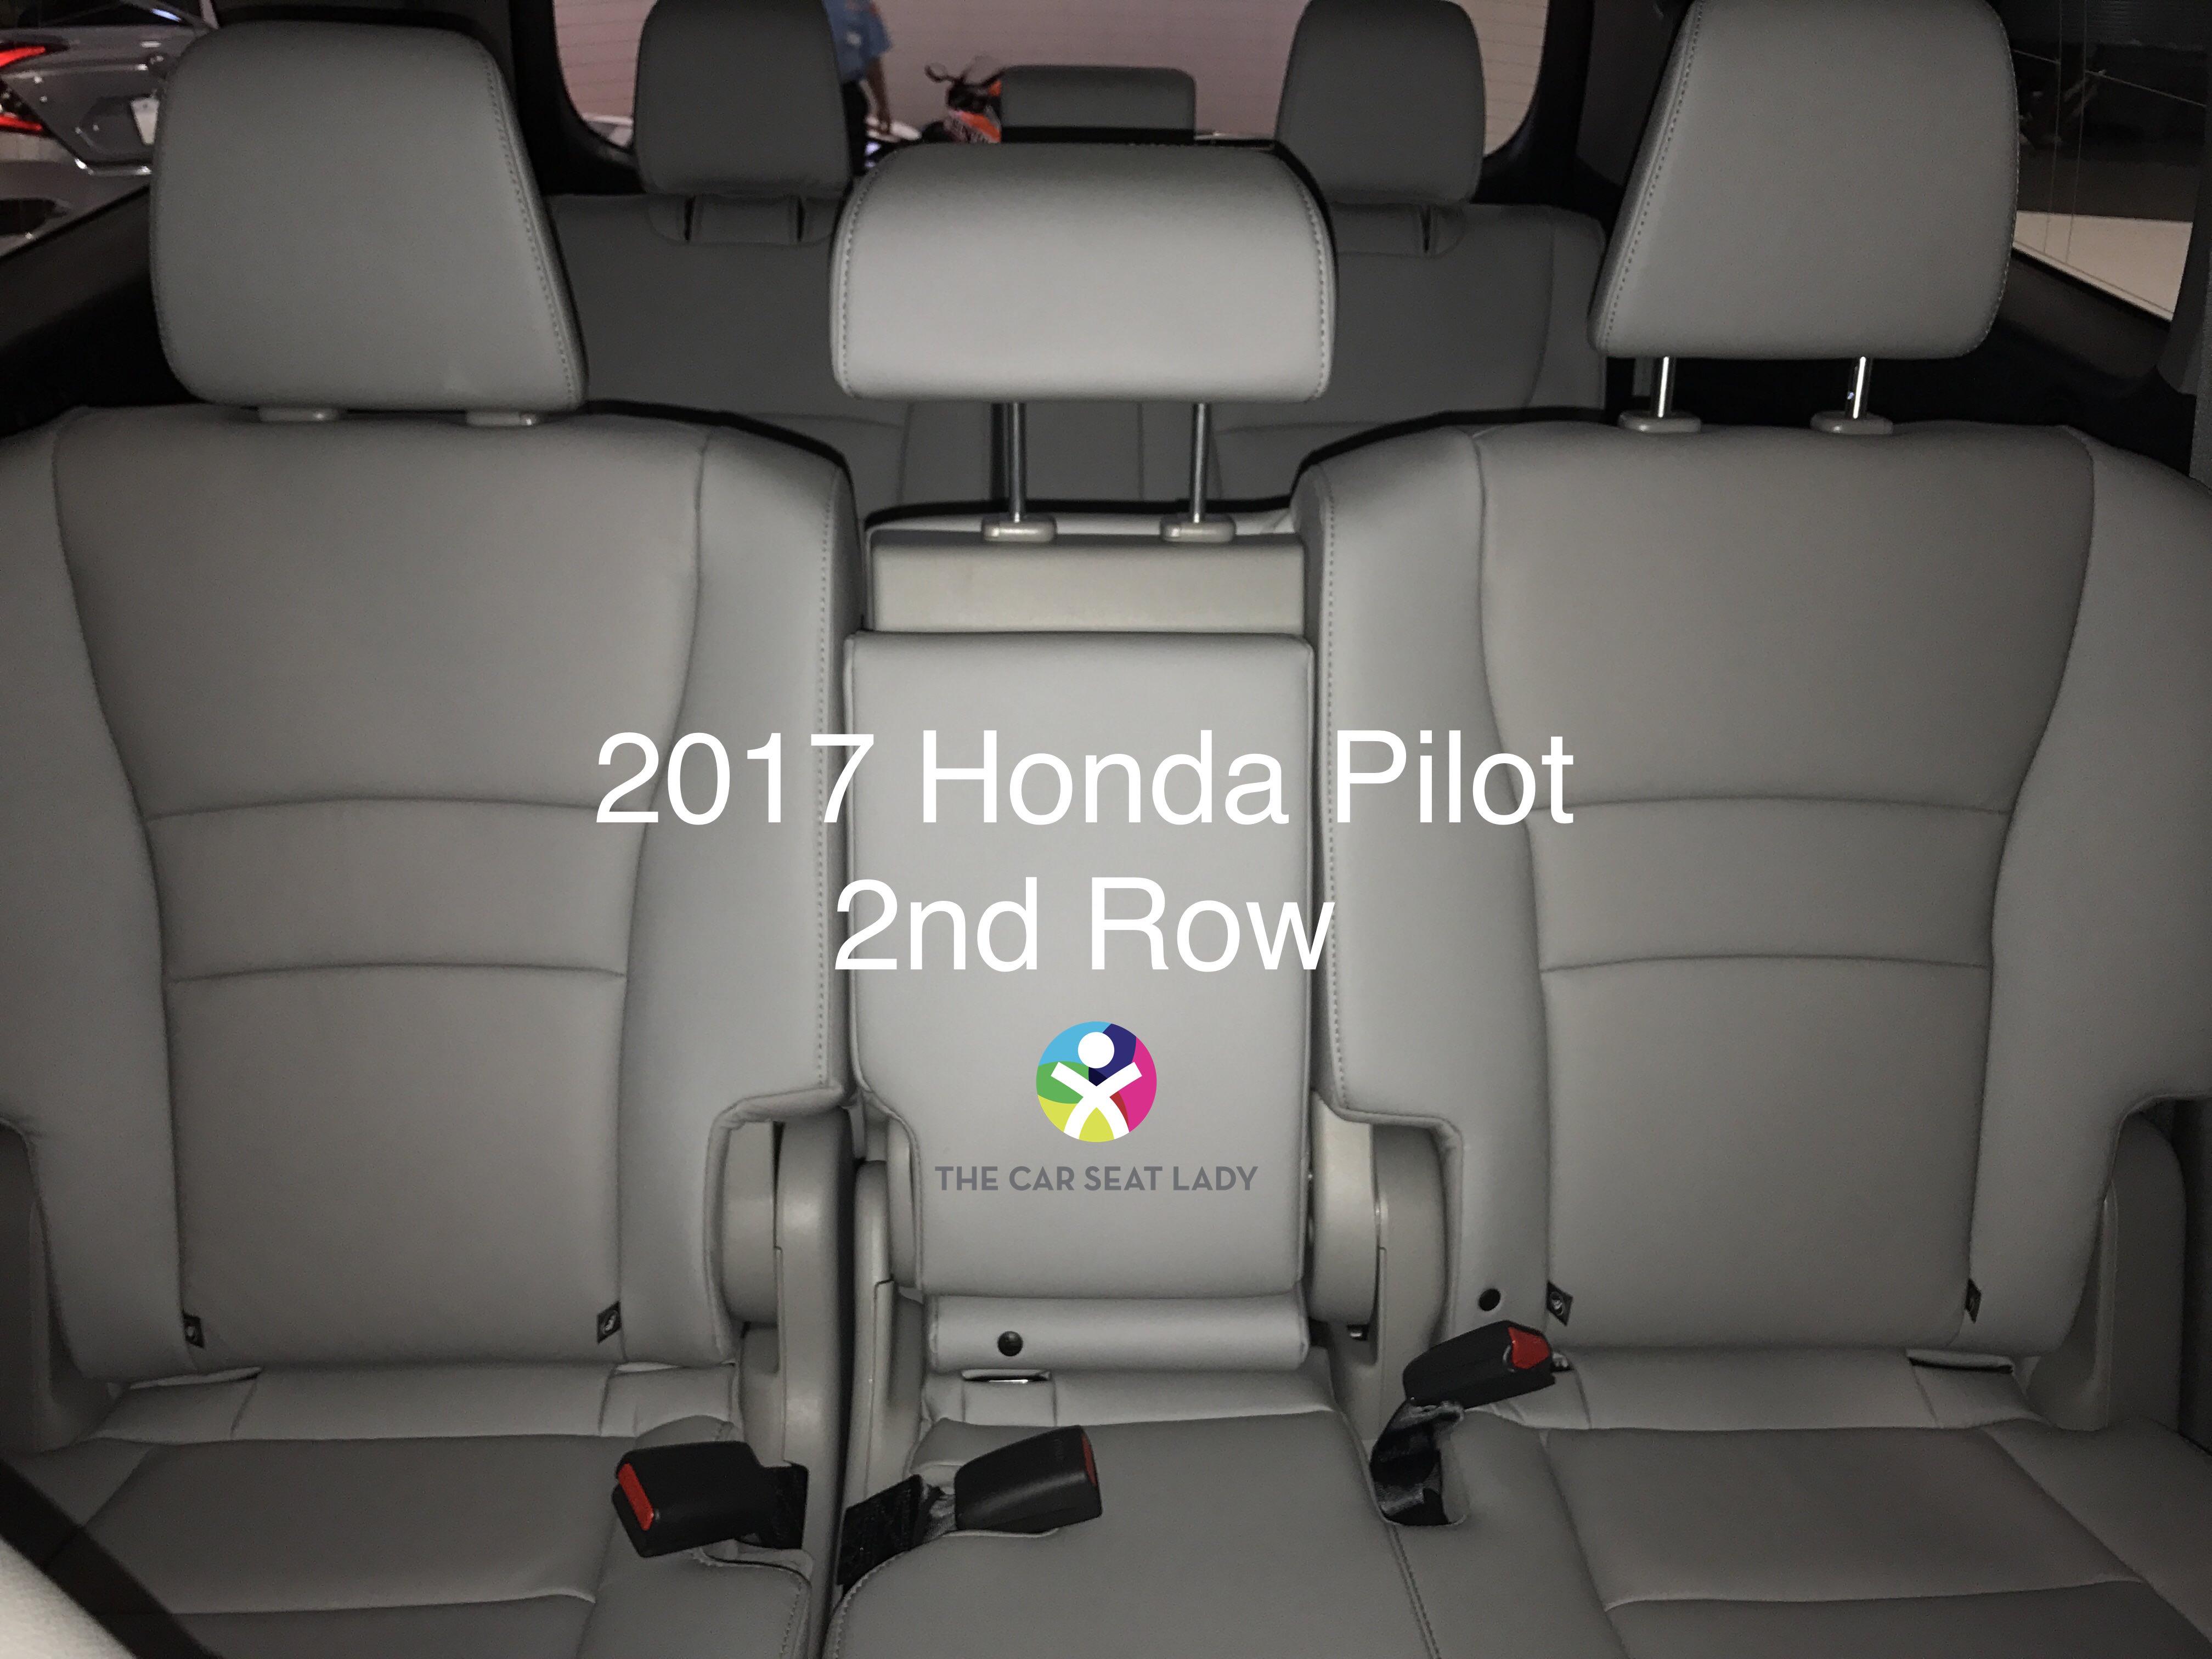 The Car Seat LadyHonda Pilot The Car Seat Lady